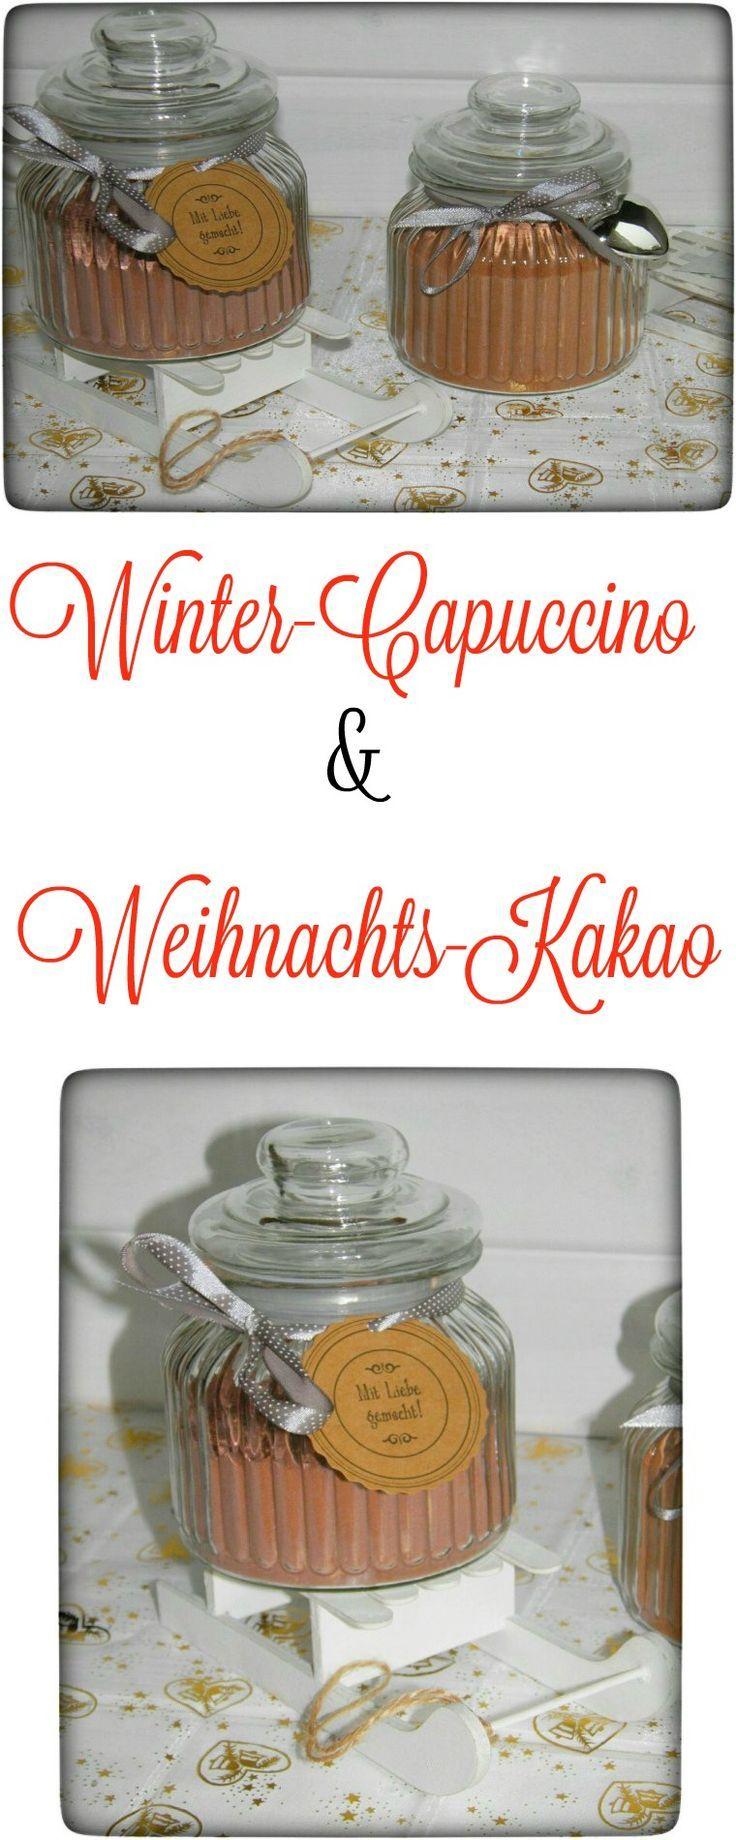 Winter-Cappuccino & Weihnachts-Kakao - eine schöne Geschenkidee - Food & Travel-Blog #falldesserts